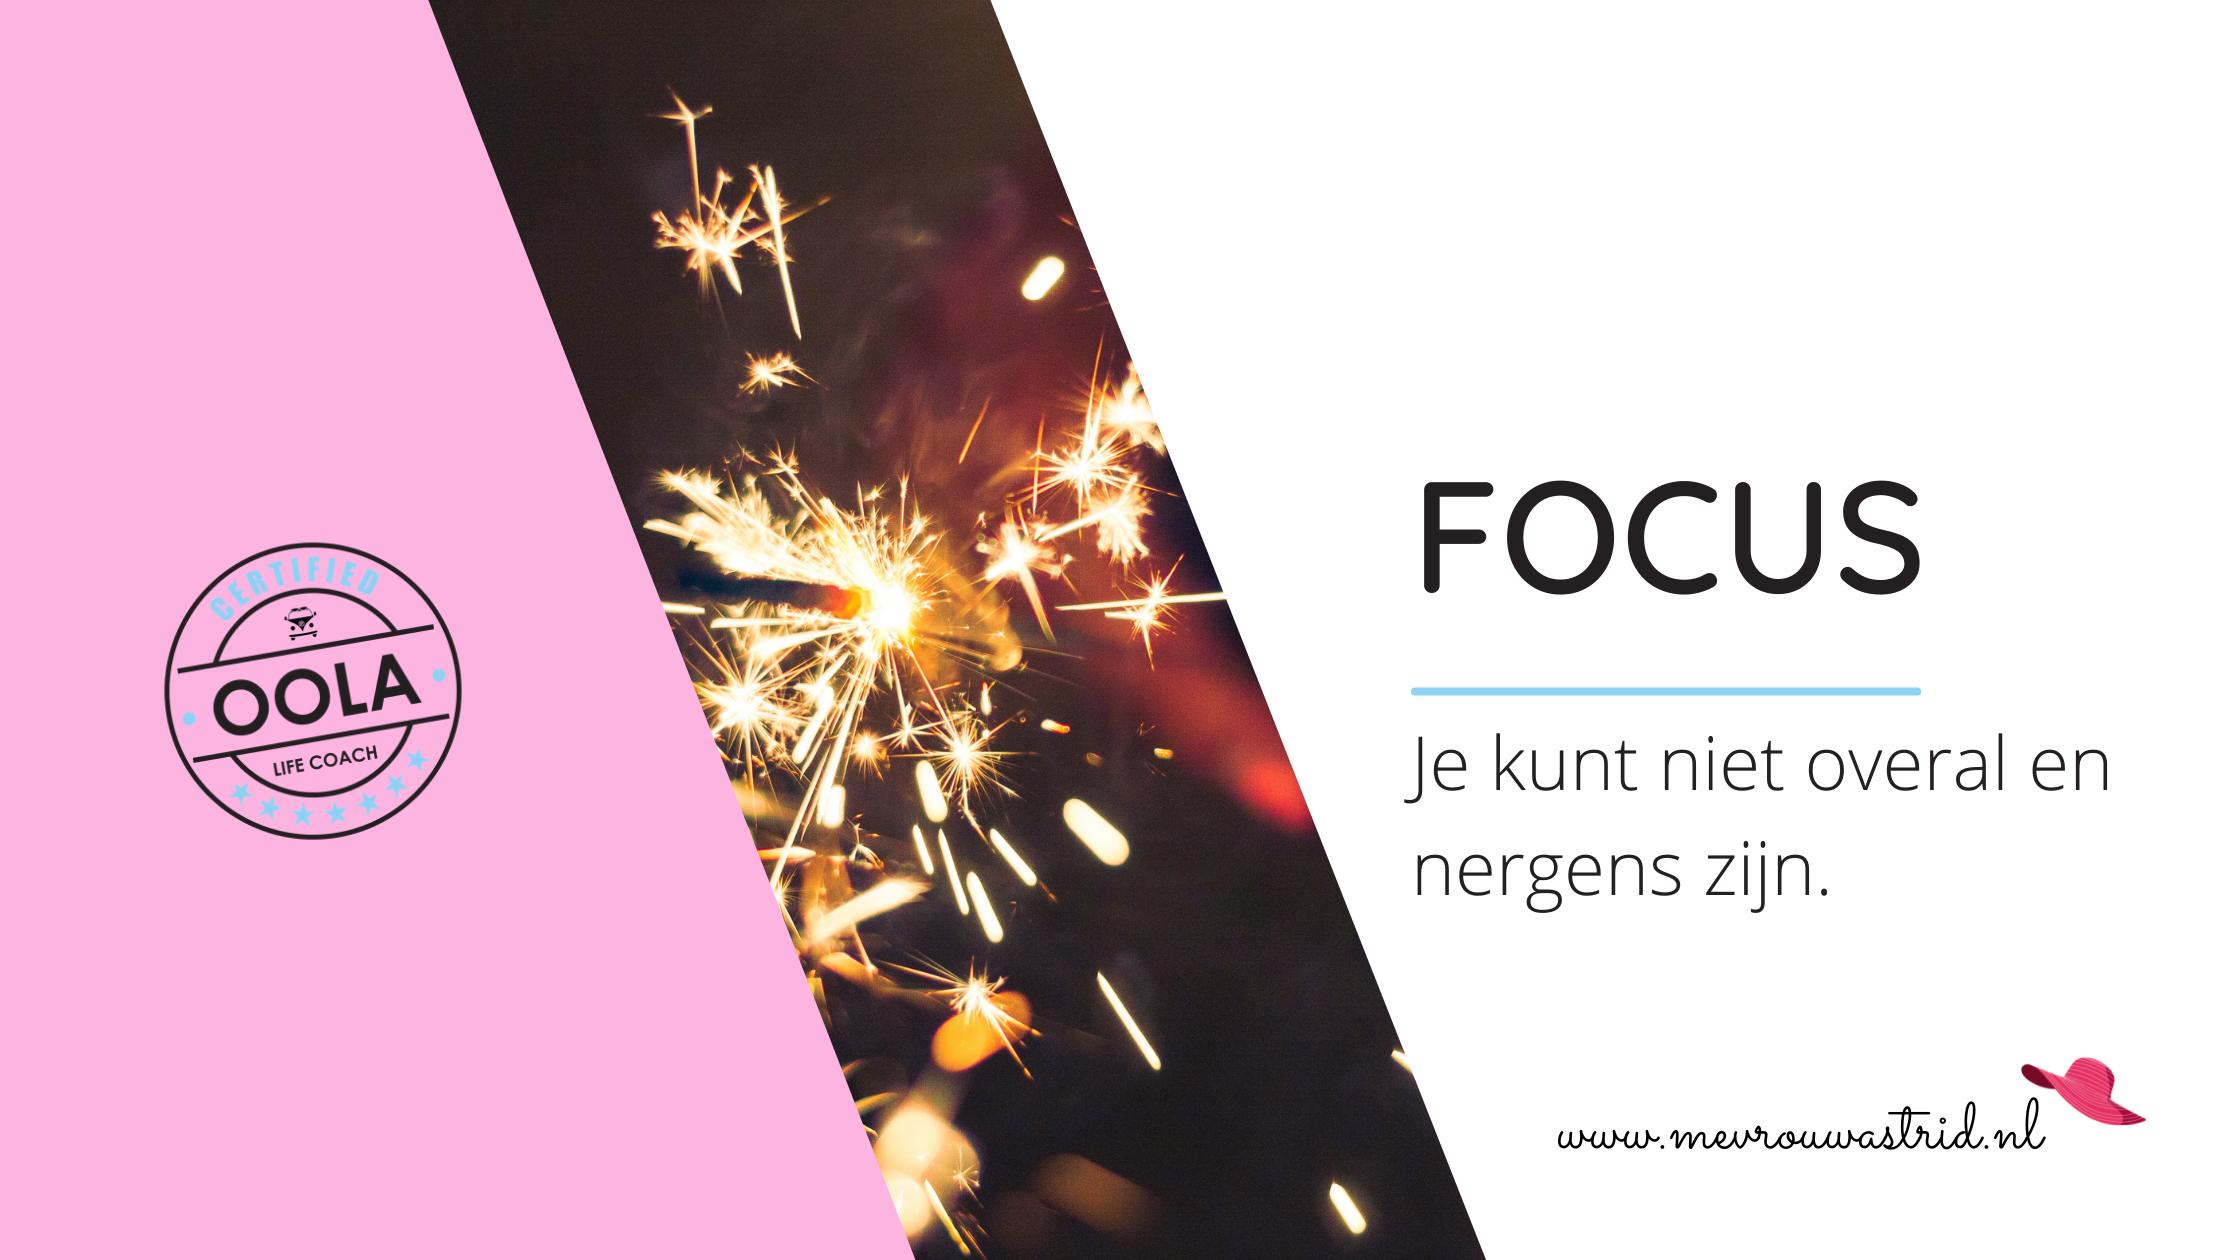 Gebrek aan focus